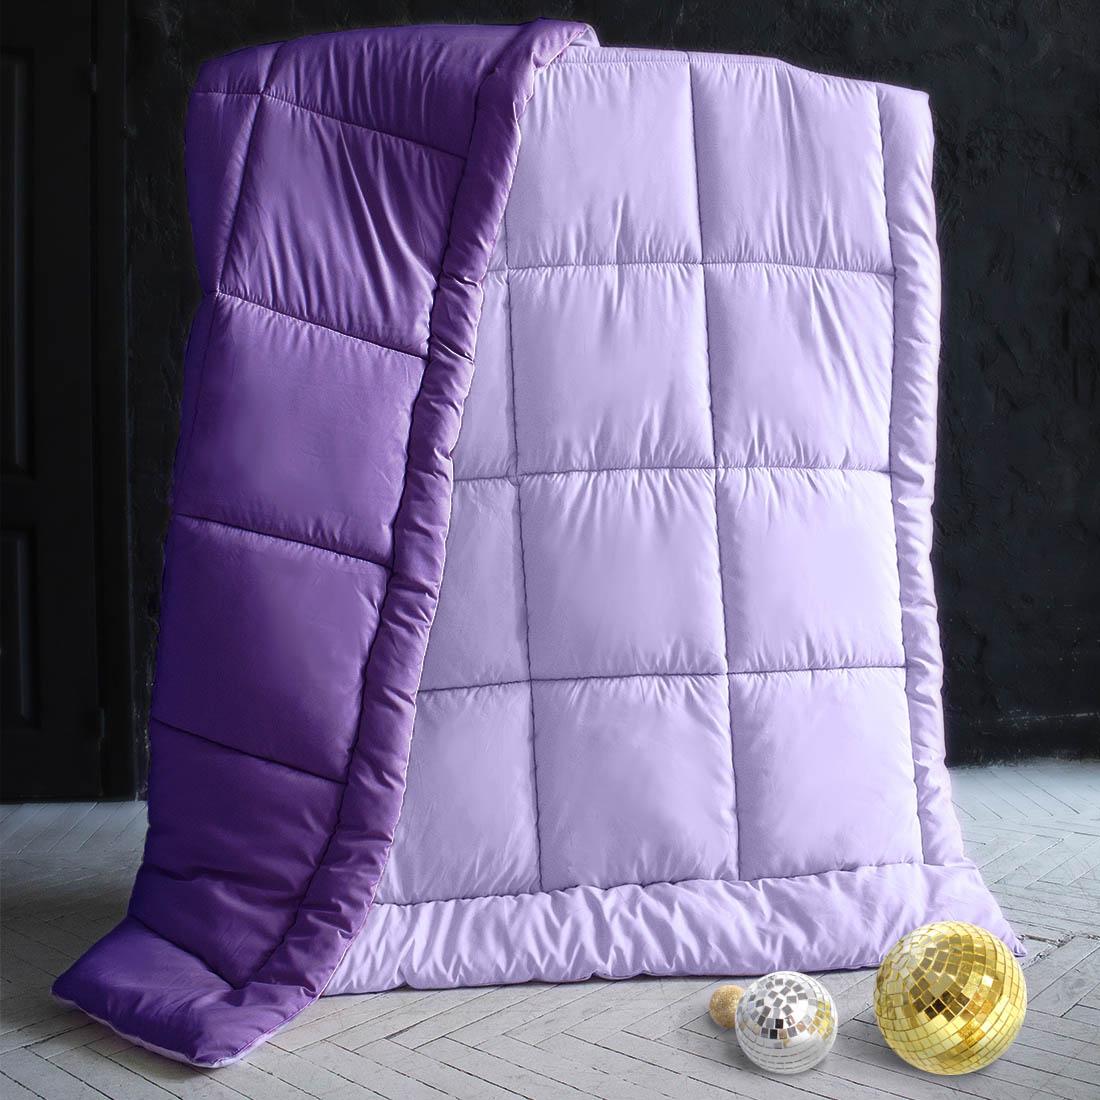 Одеяла Sleep iX Одеяло MiltiColorЦвет: Темно-Фиолетовый/Фиолетовый (140х205 см) siemens lc 91 ba 582 ix